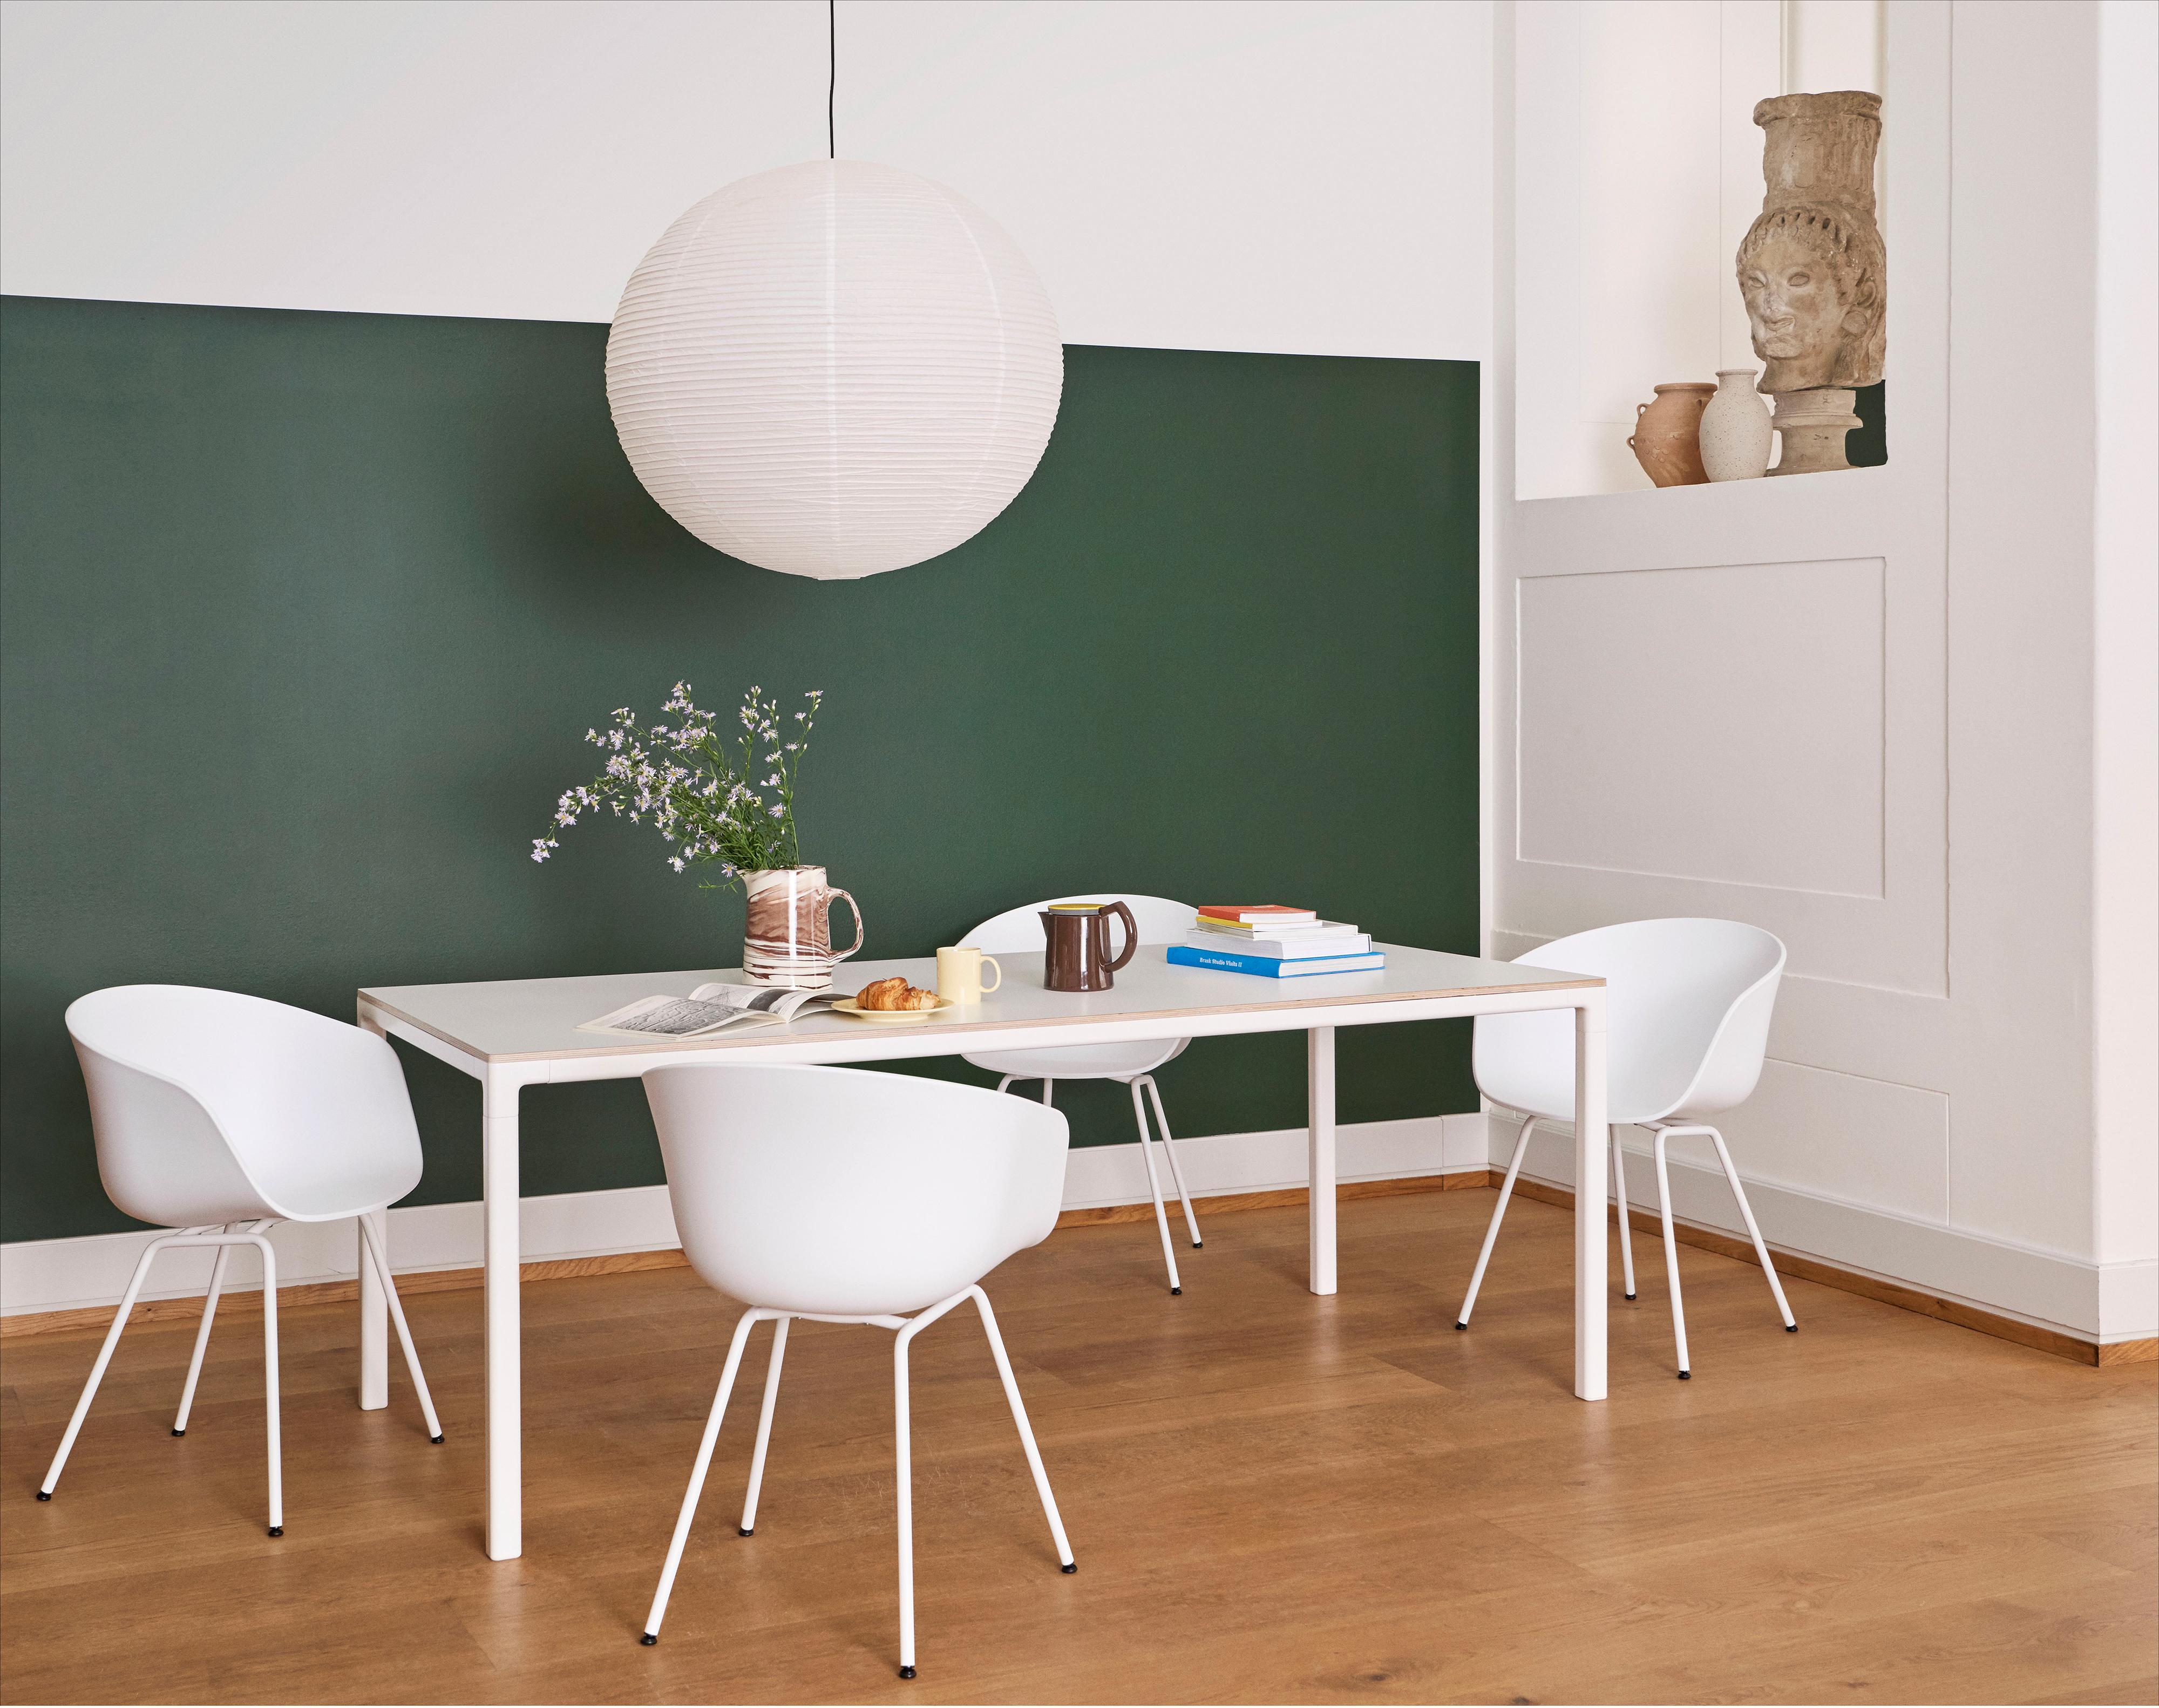 HAY Dansk design för det moderna hemmet   Rum21.se